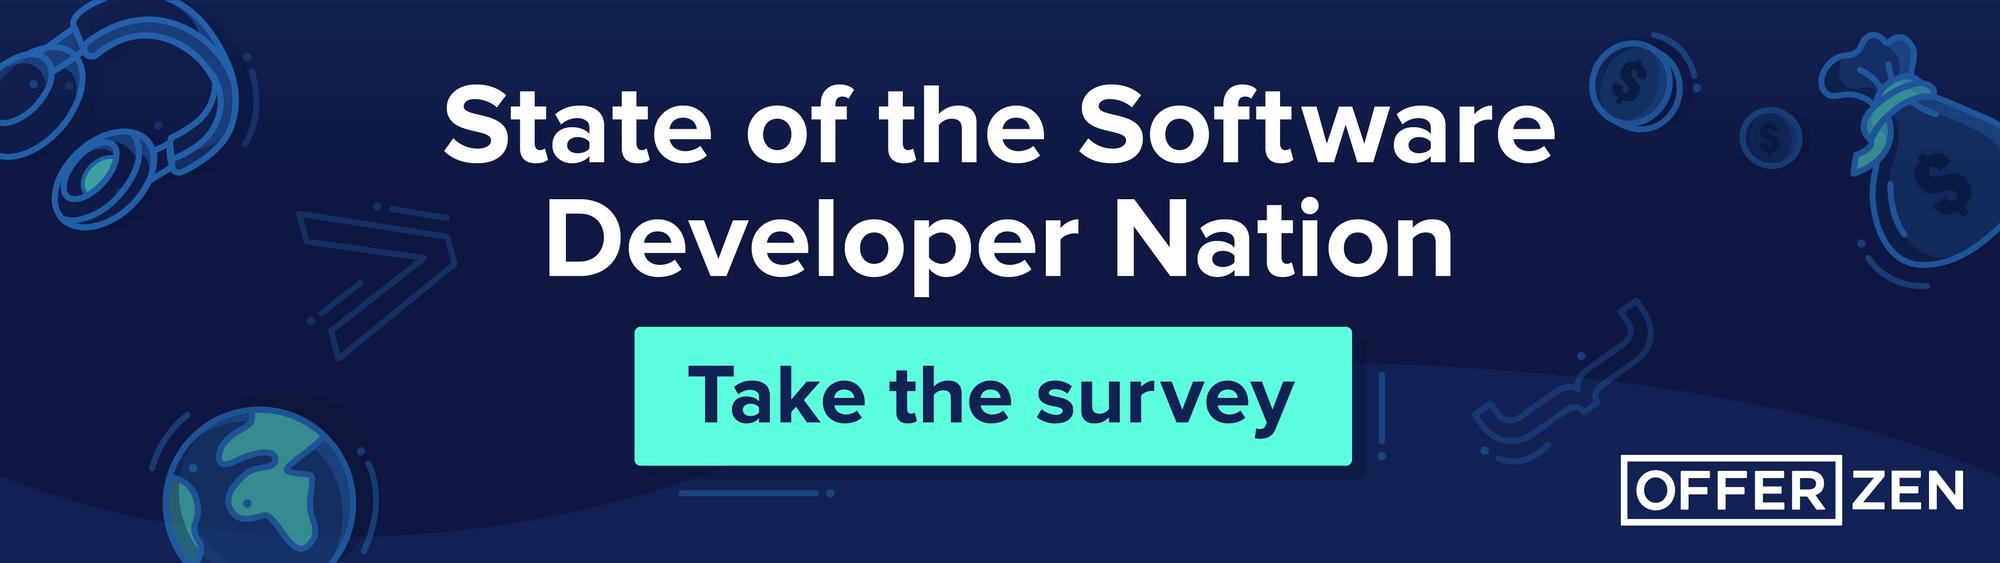 State-of-developer-nation_Survey_CTA-banner-06-1